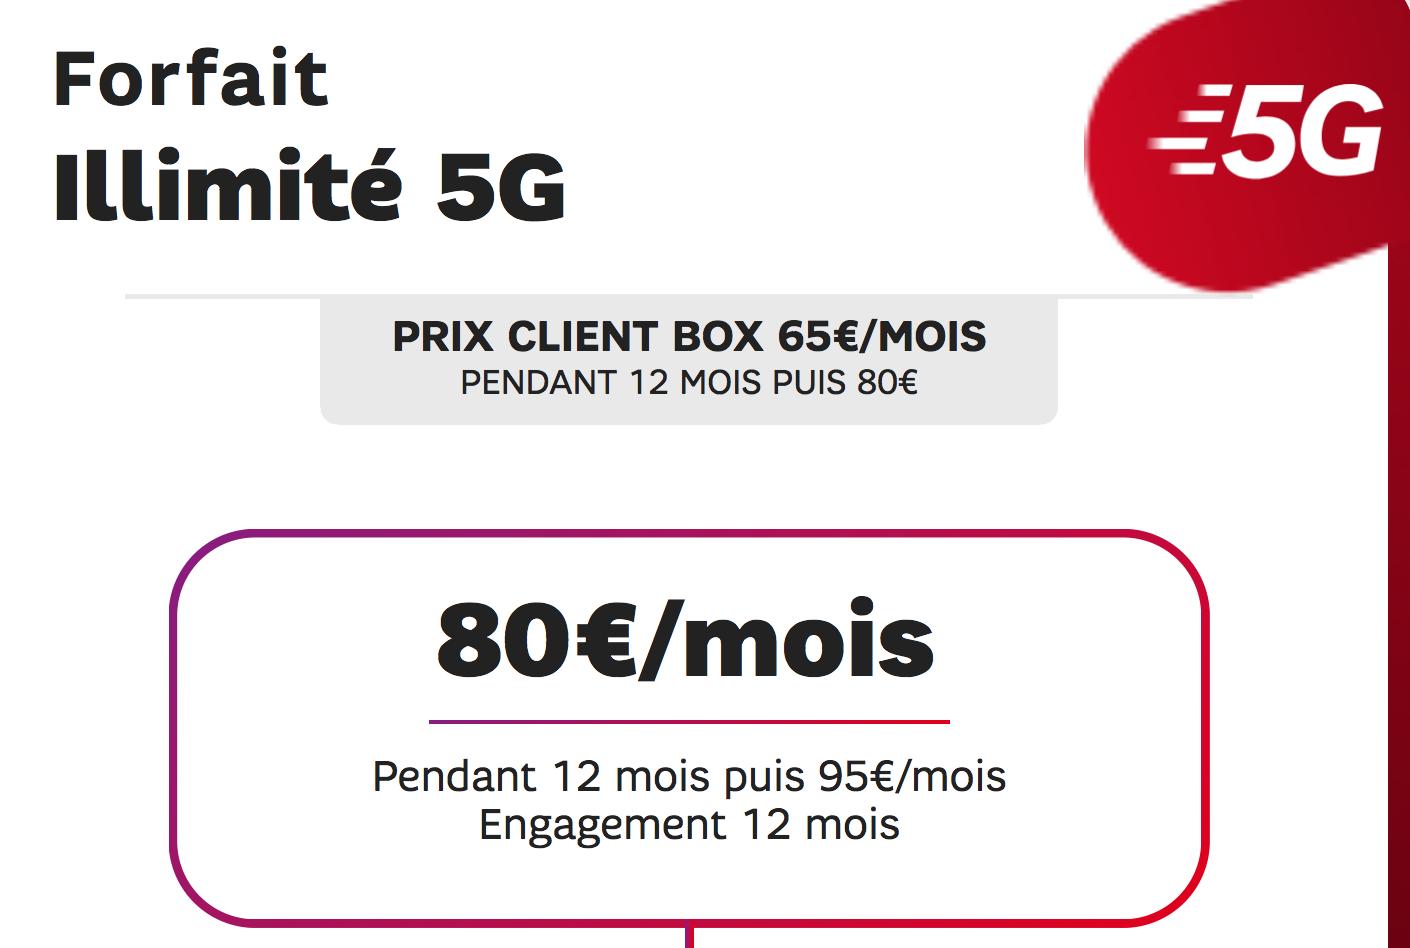 forfait 5G illimite SFR